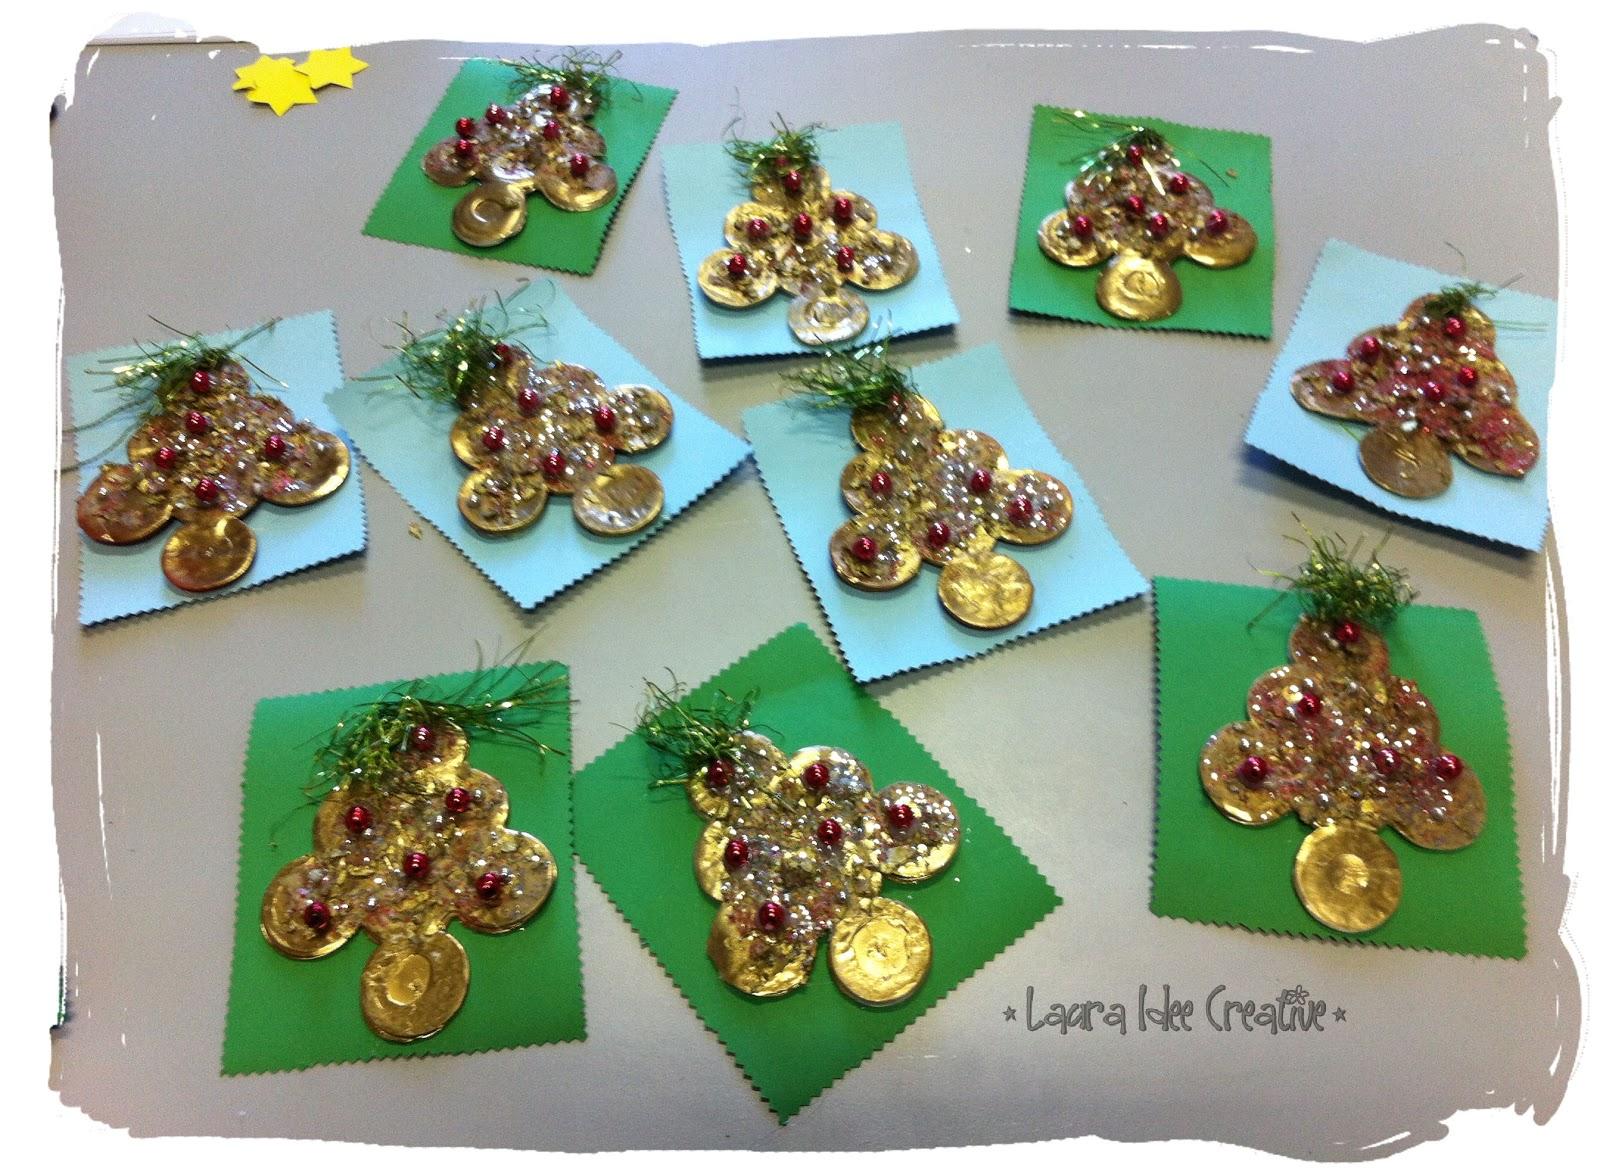 Favorito Laura Idee Creative: I lavori di Natale dei bambini della scuola  OV99